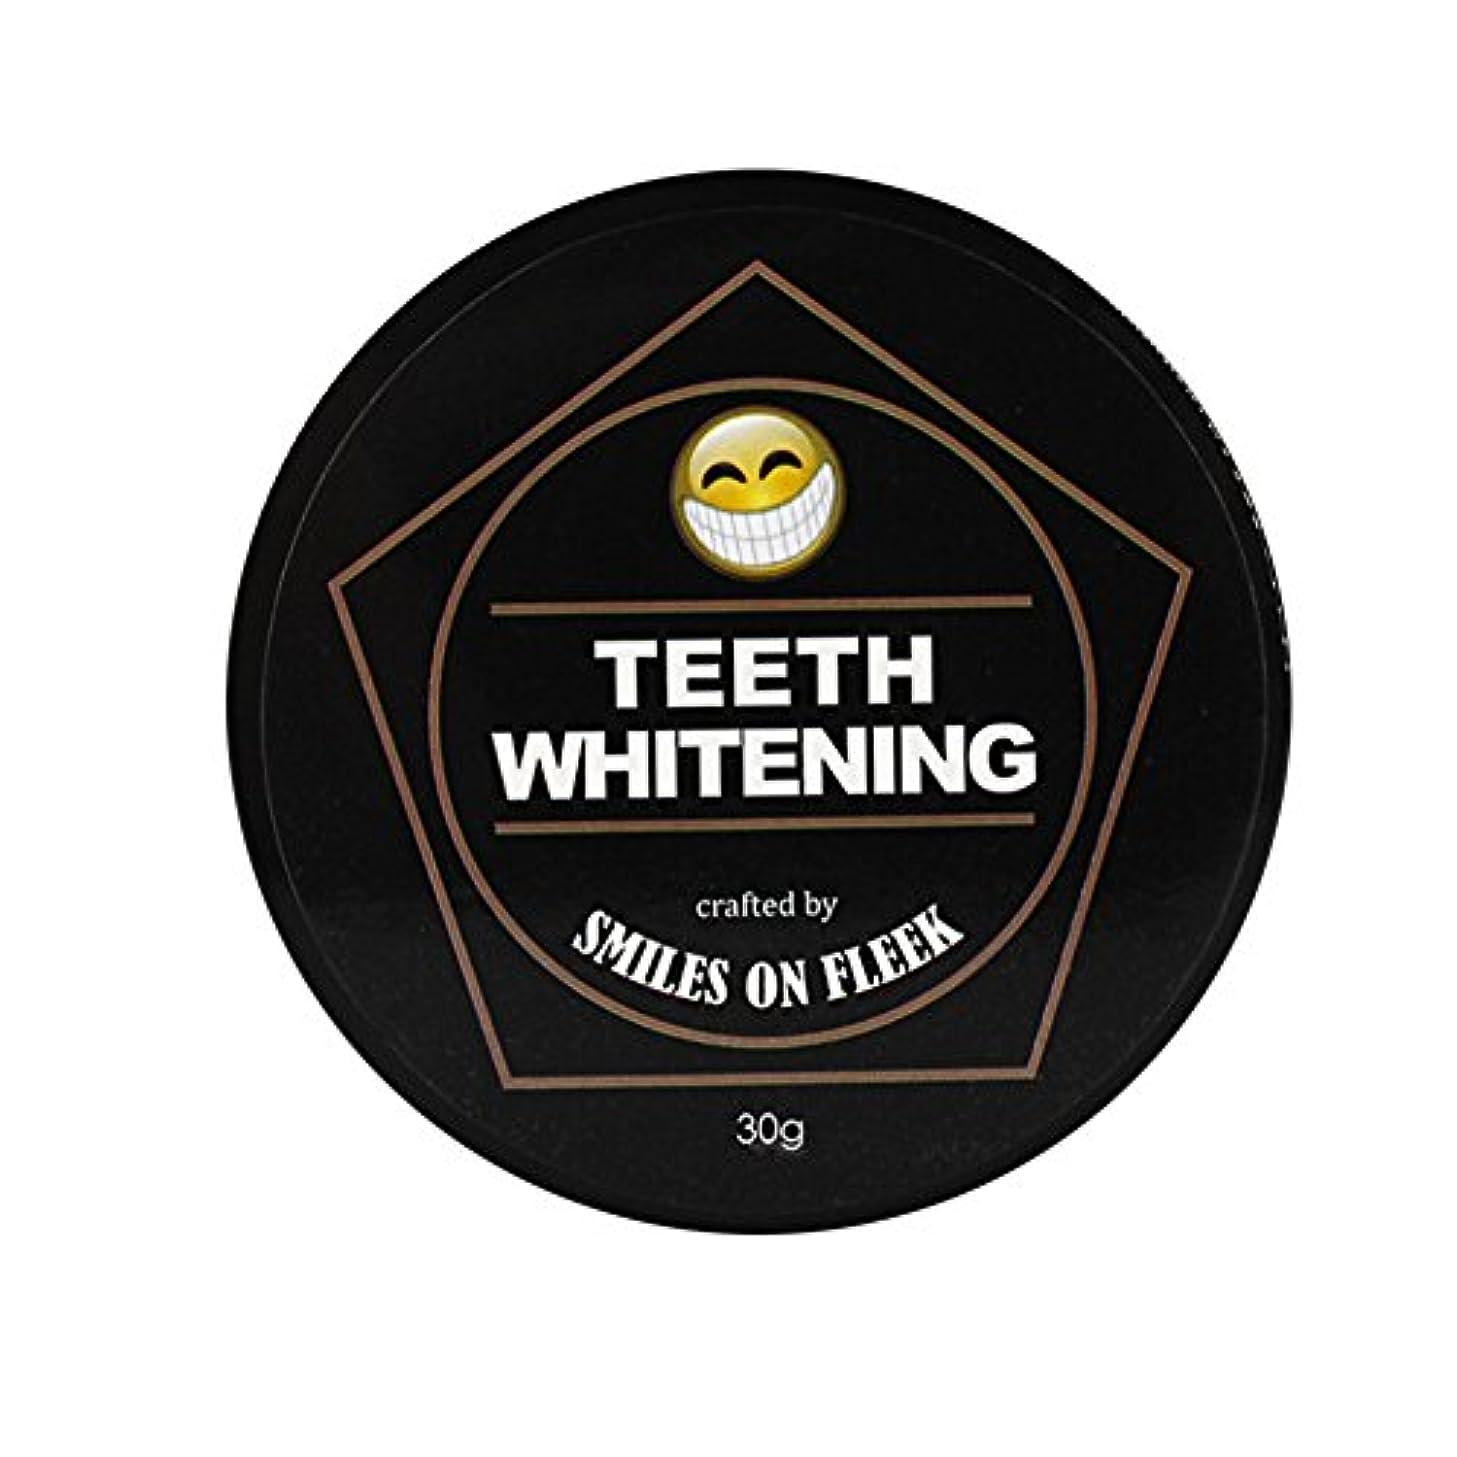 TerGOOSE チャコールホワイトニング 歯のホワイトニング チャコール型 マイクロパウダー 歯のホワイトニング 食べれる活性炭 竹炭 黄ばみ落とし 口臭 ヤニ取り 口がスッキリ 30mg